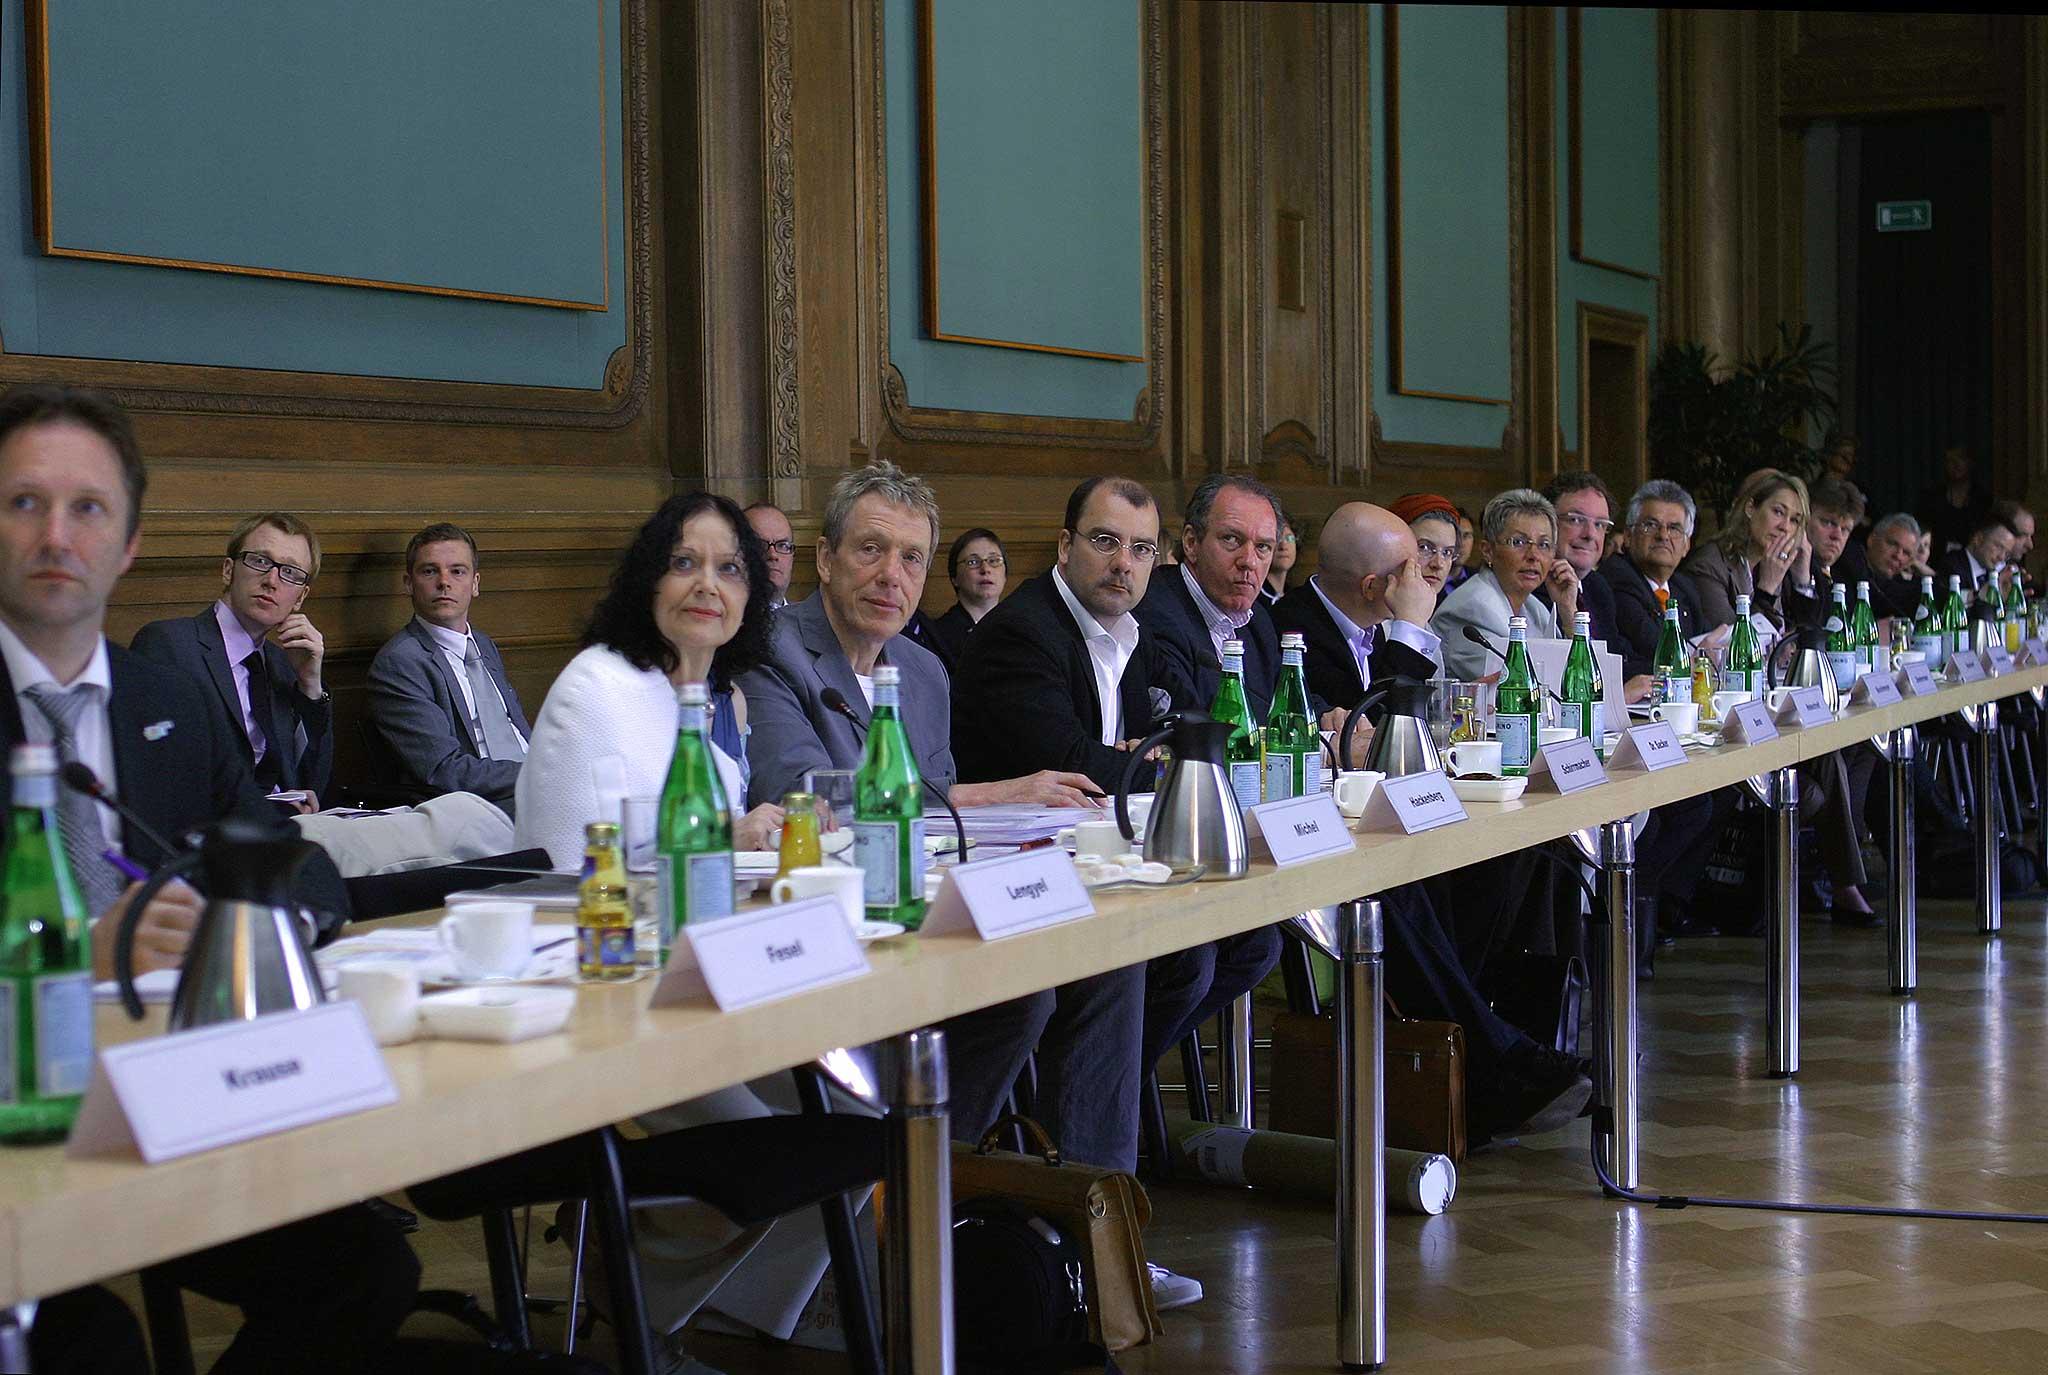 Auftaktveranstaltung der Initiative Kultur- & Kreativwirtschaft der deutschen Bundesregierung, 7. Mai 2008